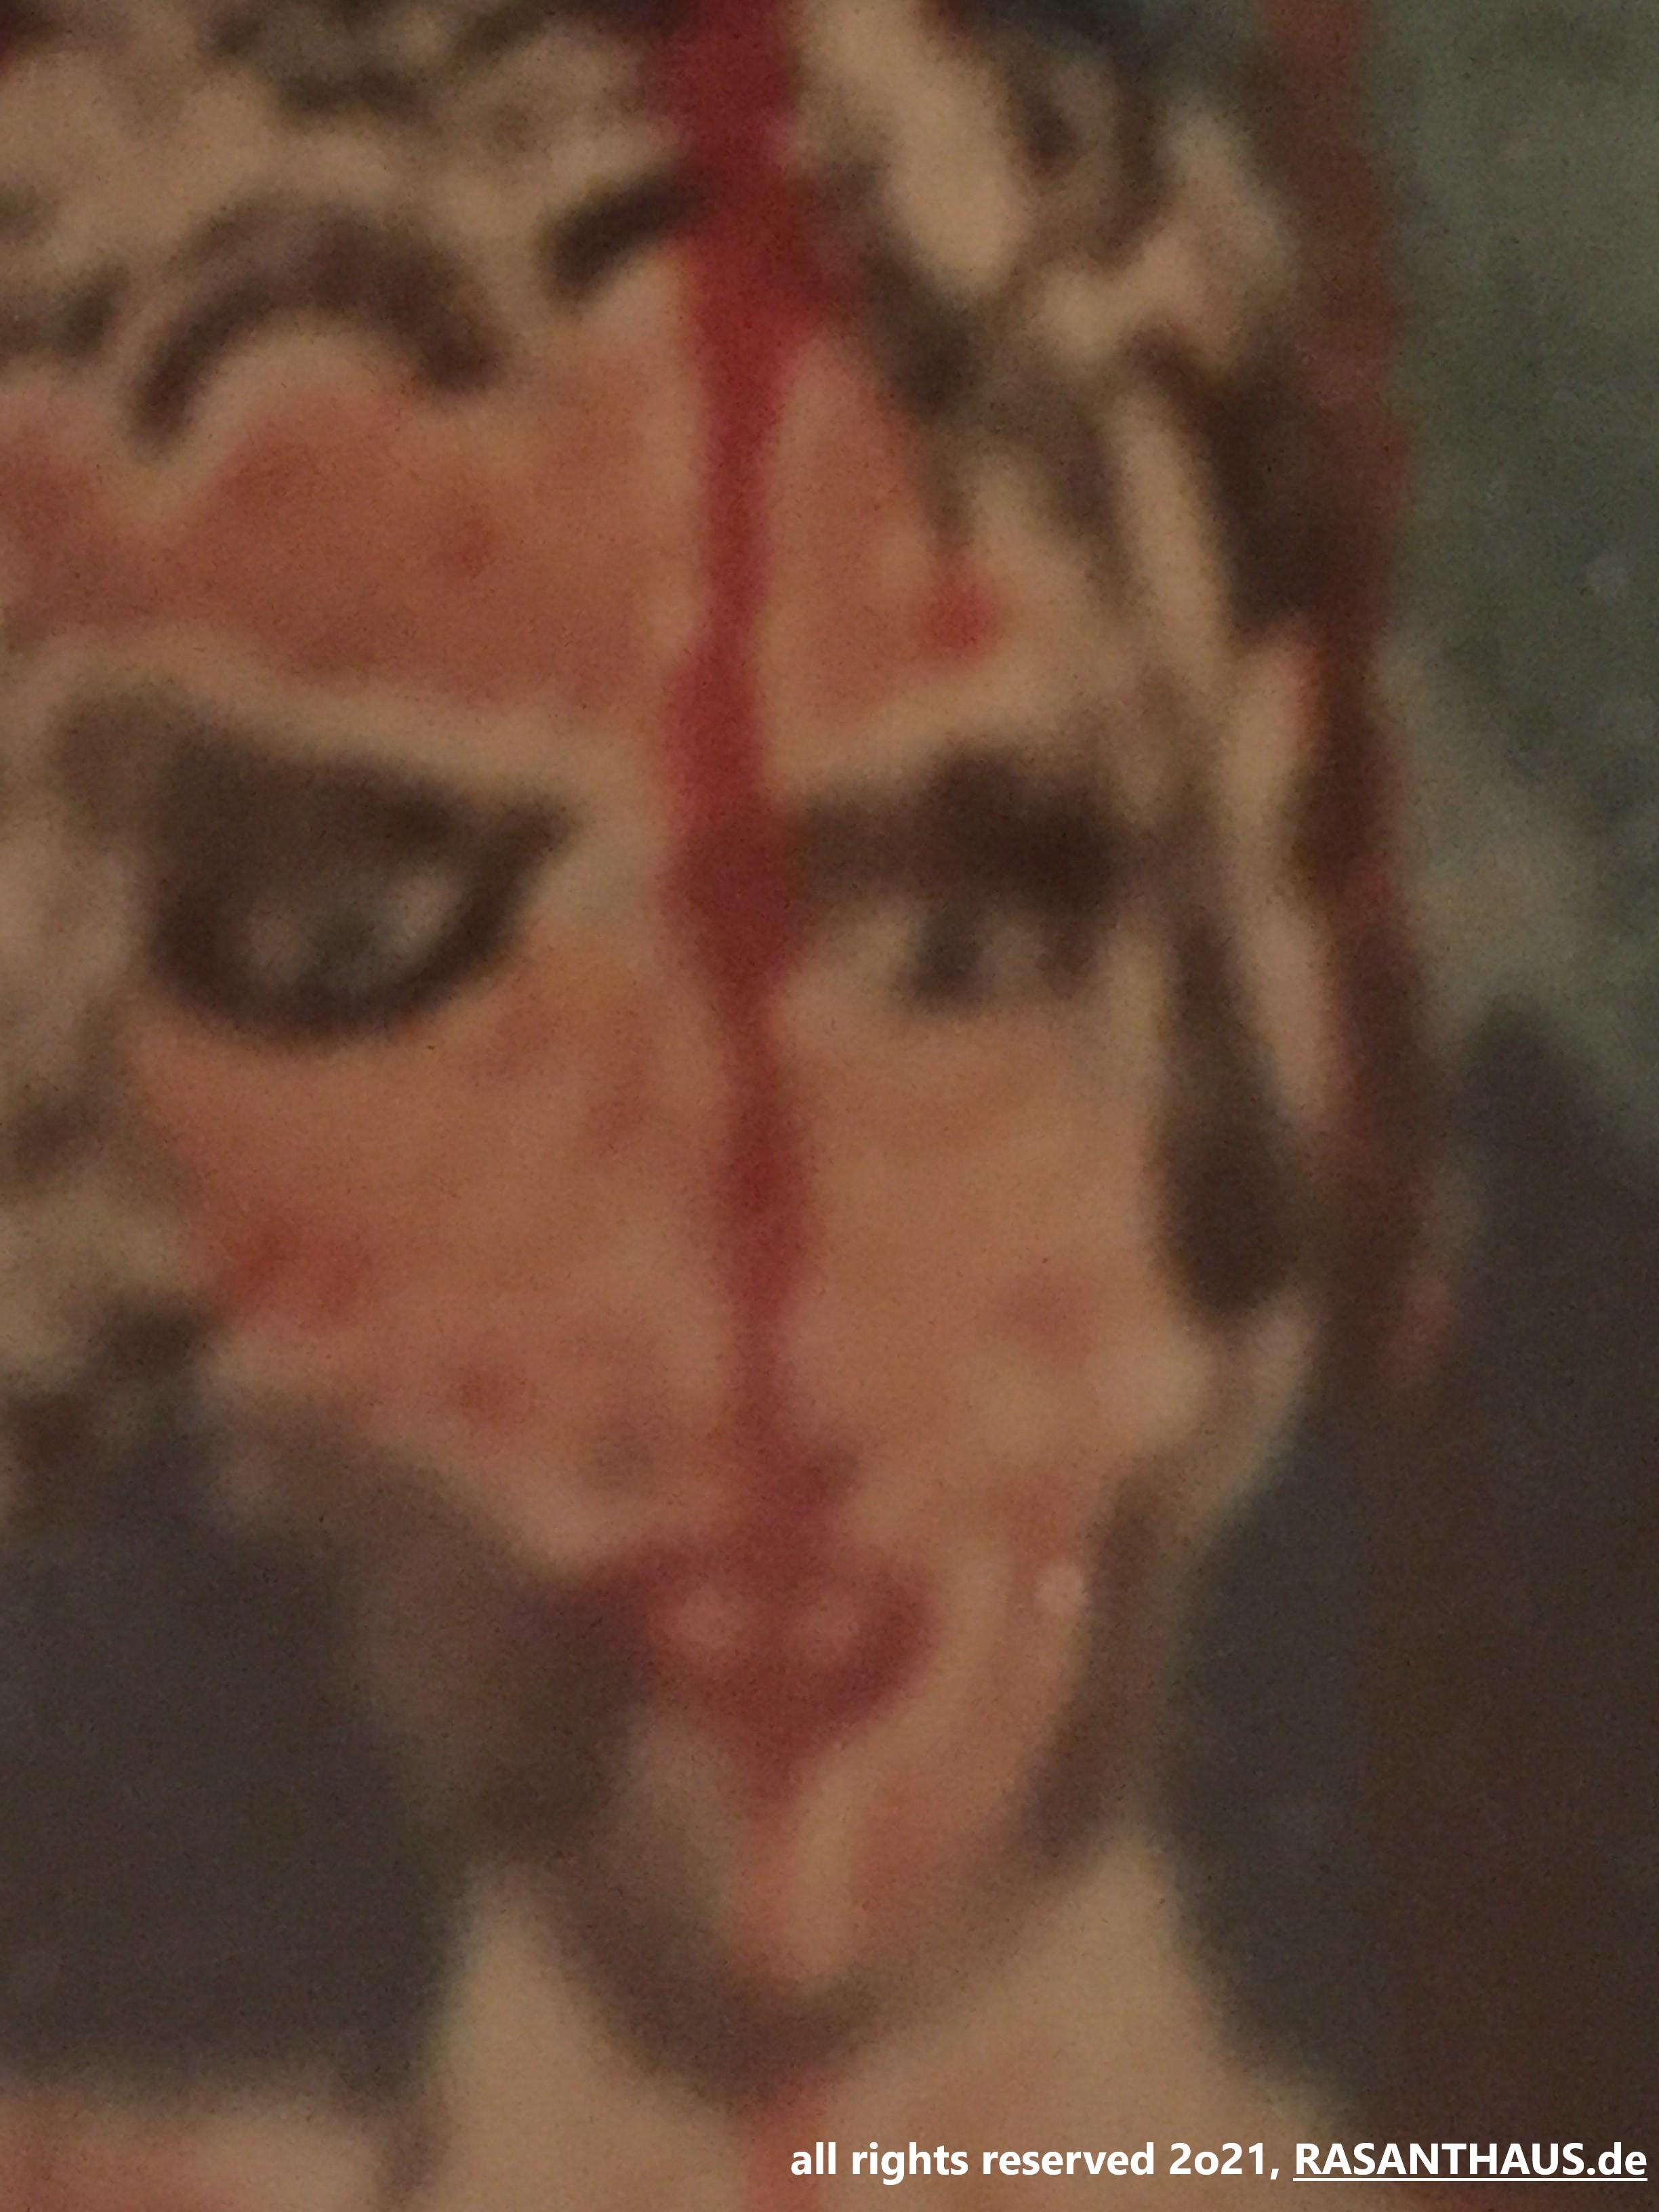 ein Wandportrait in Aquarell einer selbstbewusst schauenden Frau, Anfang 30, schaut mit Pagenschnitt und aus blauen Augen den Betrachter direkt an